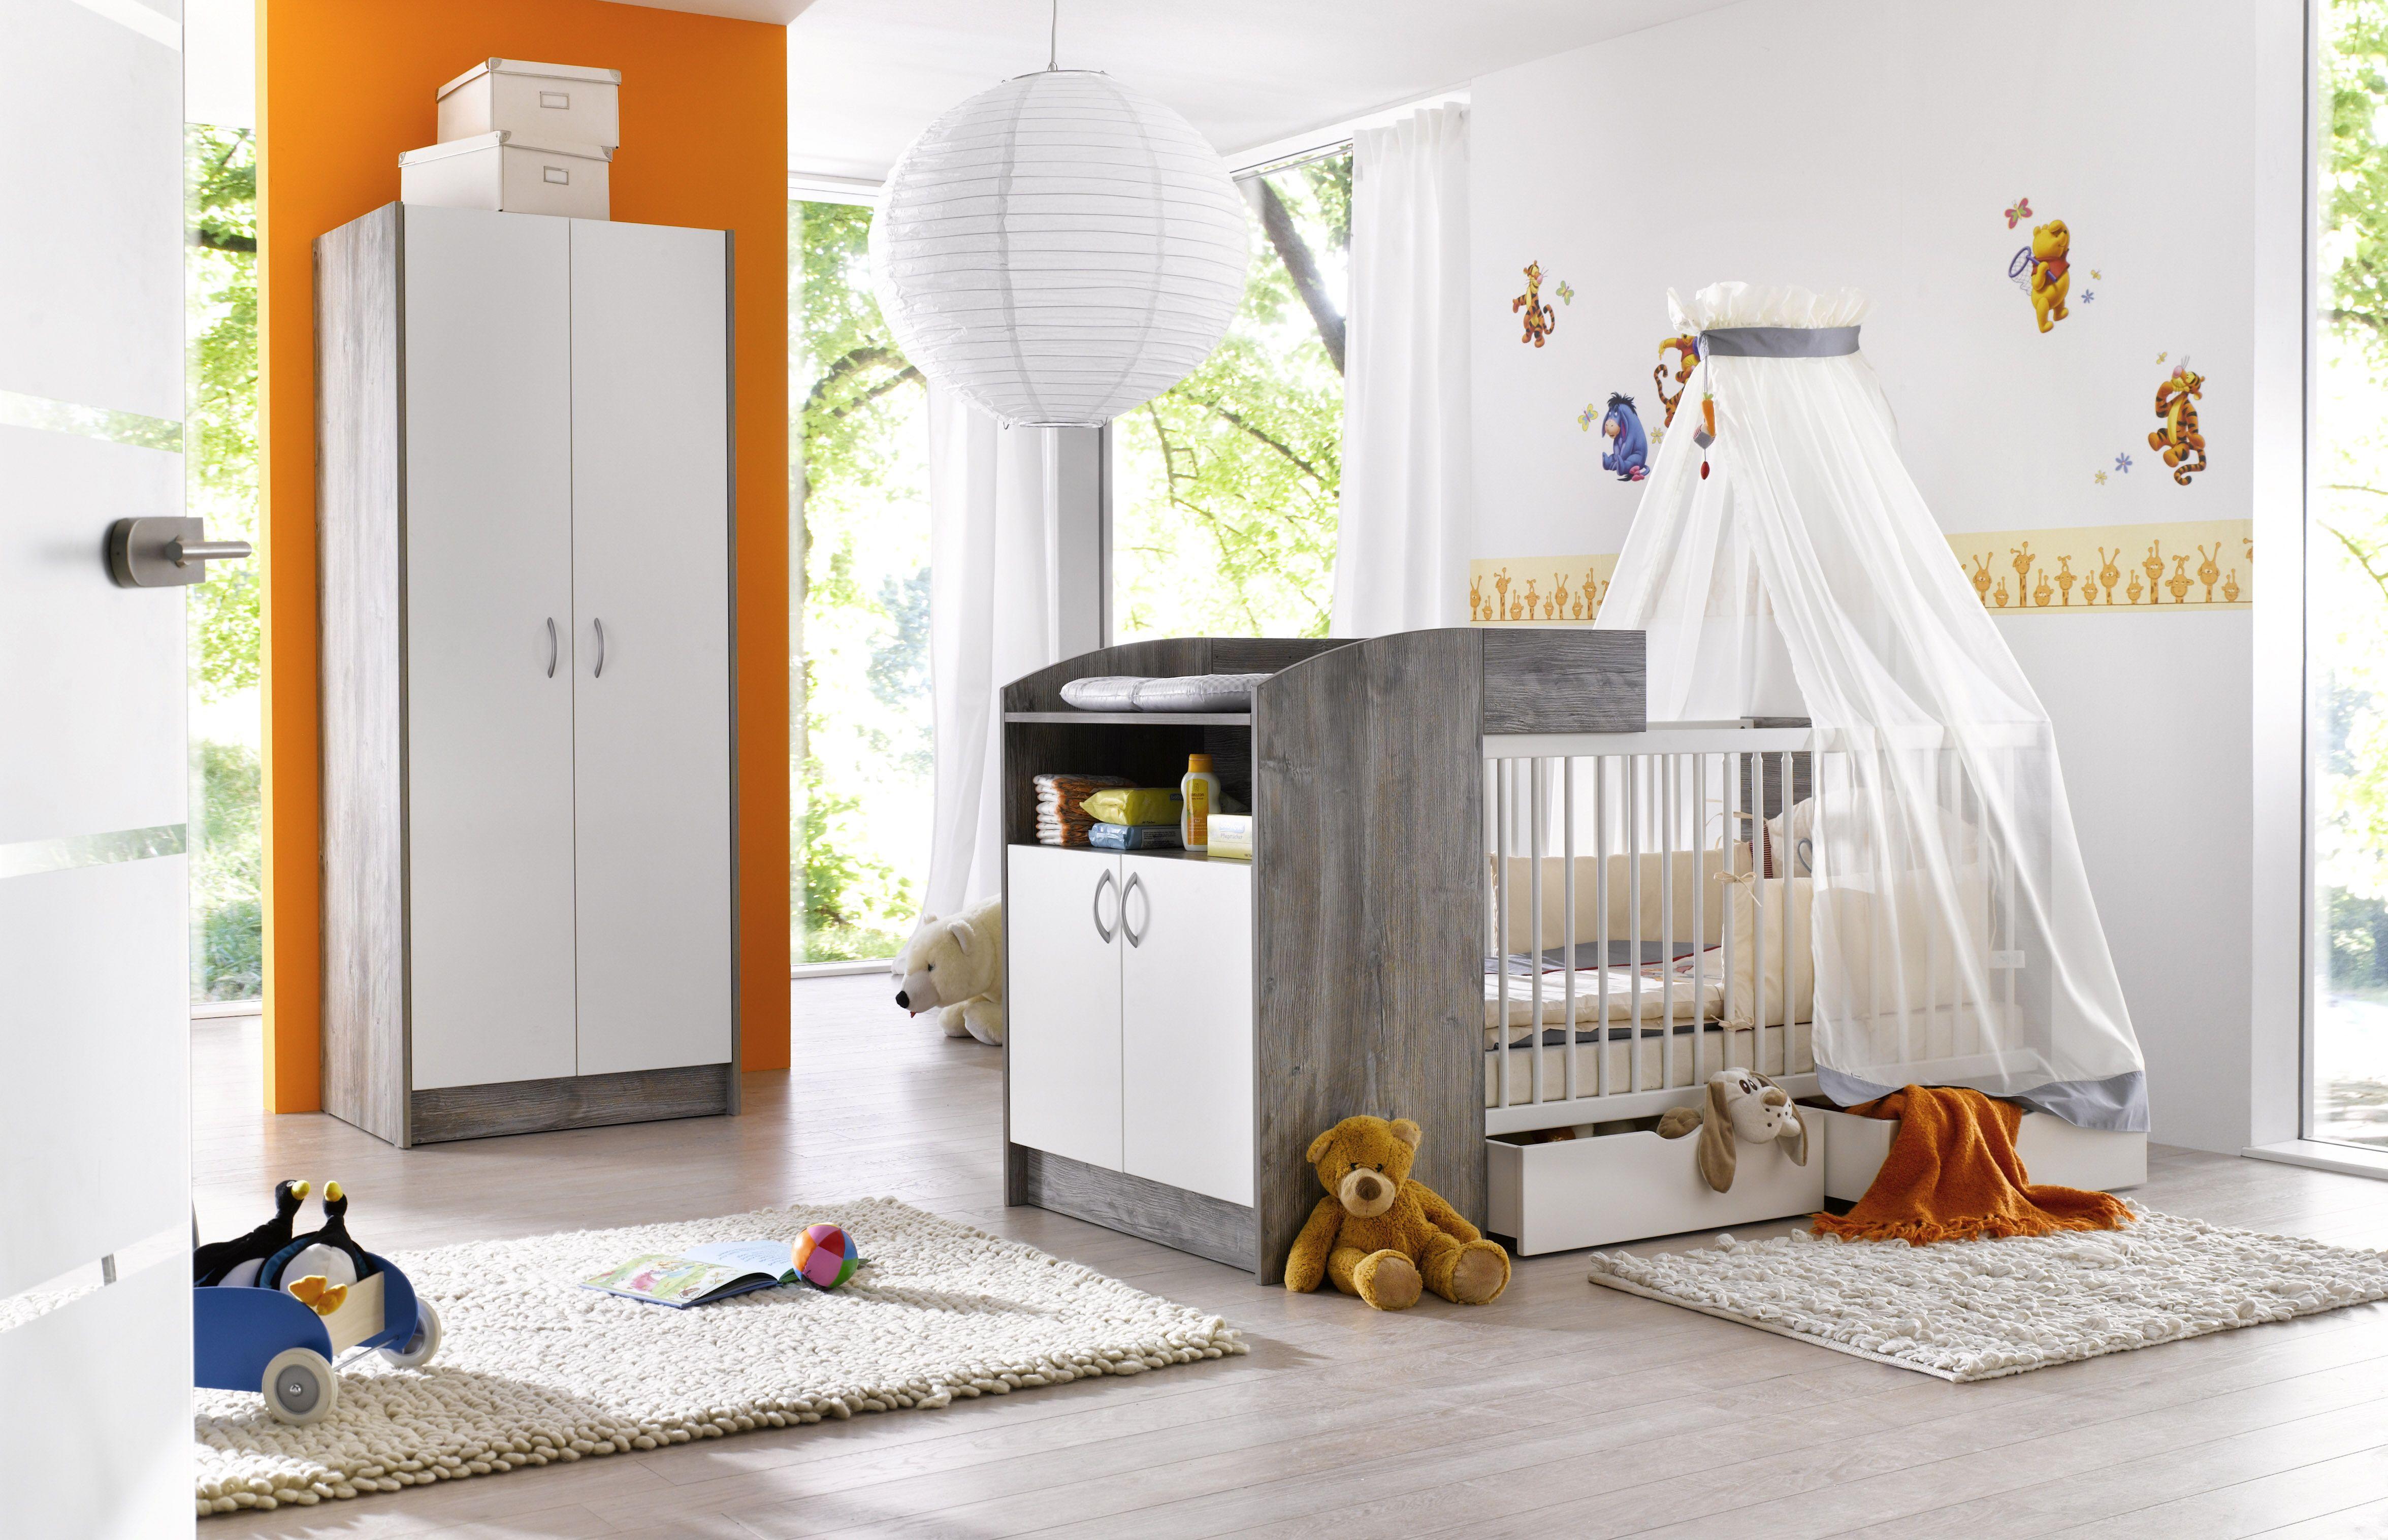 Kidsroom.de / Kinderzimmer und mehr